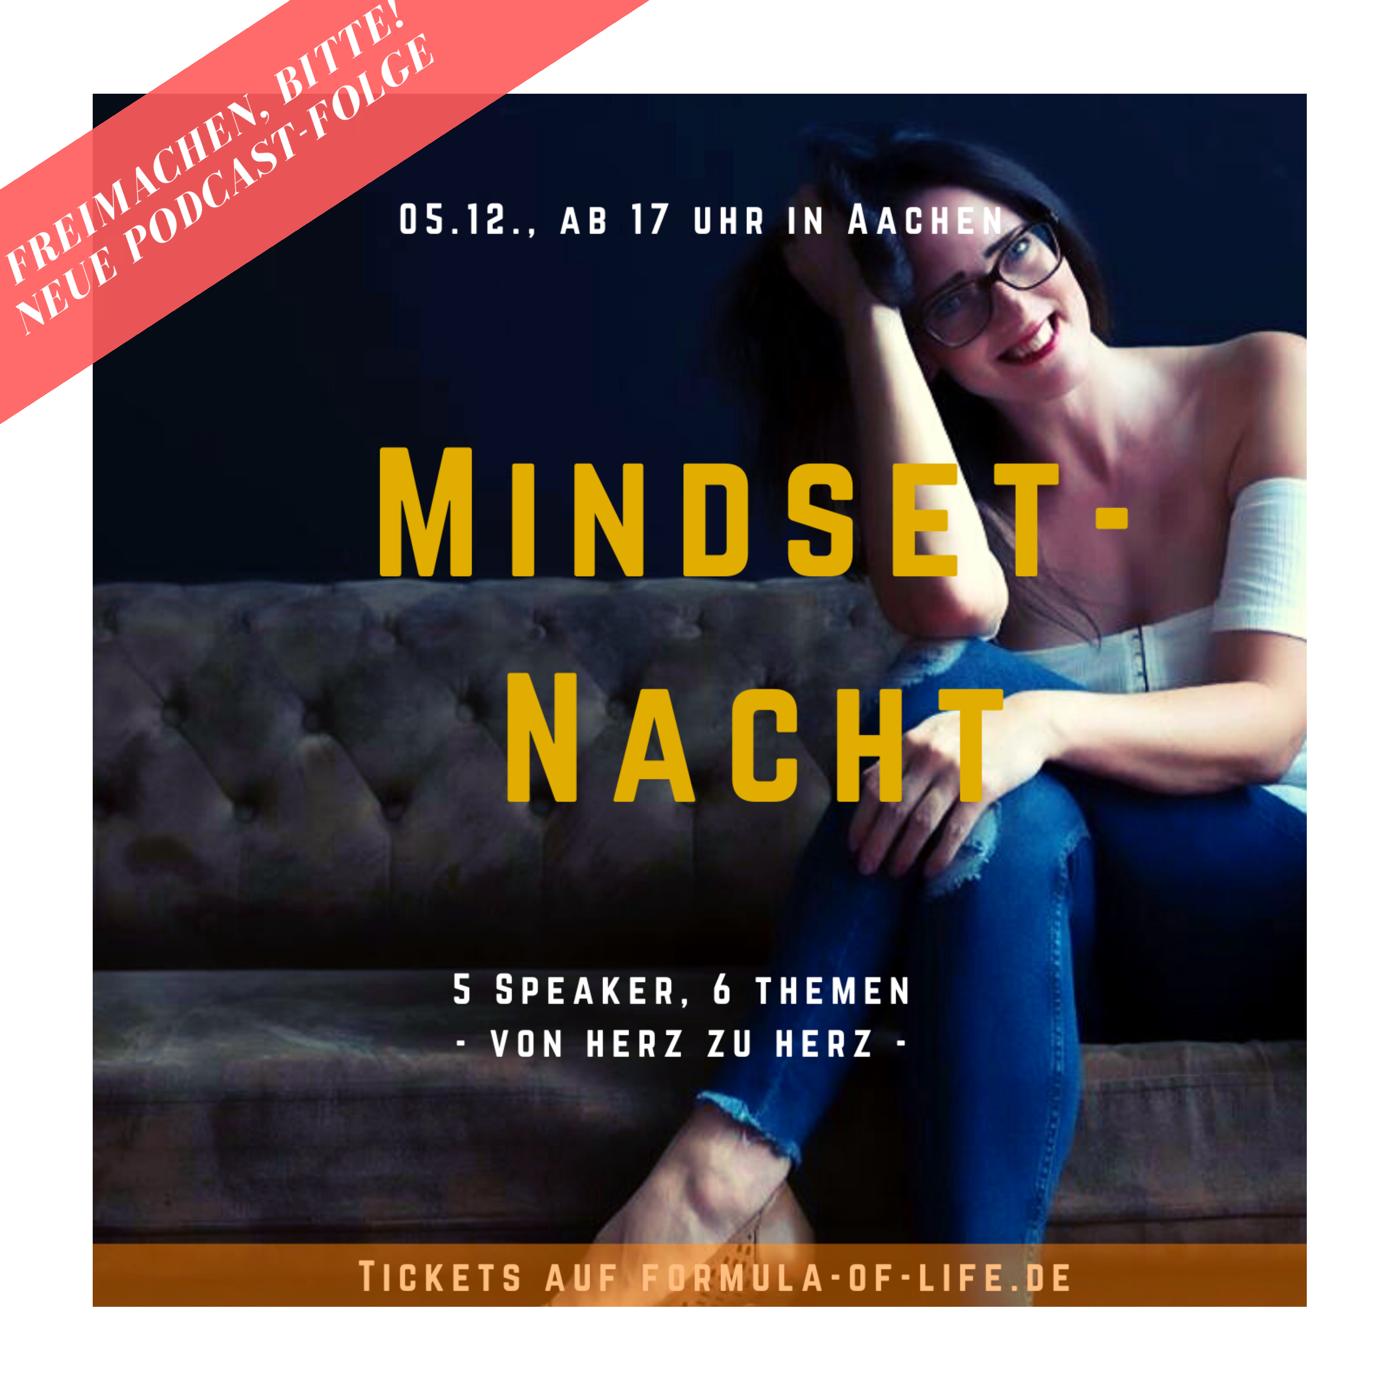 Freimachen bitte live Mindsetnacht Aachen Carola Elisabeth